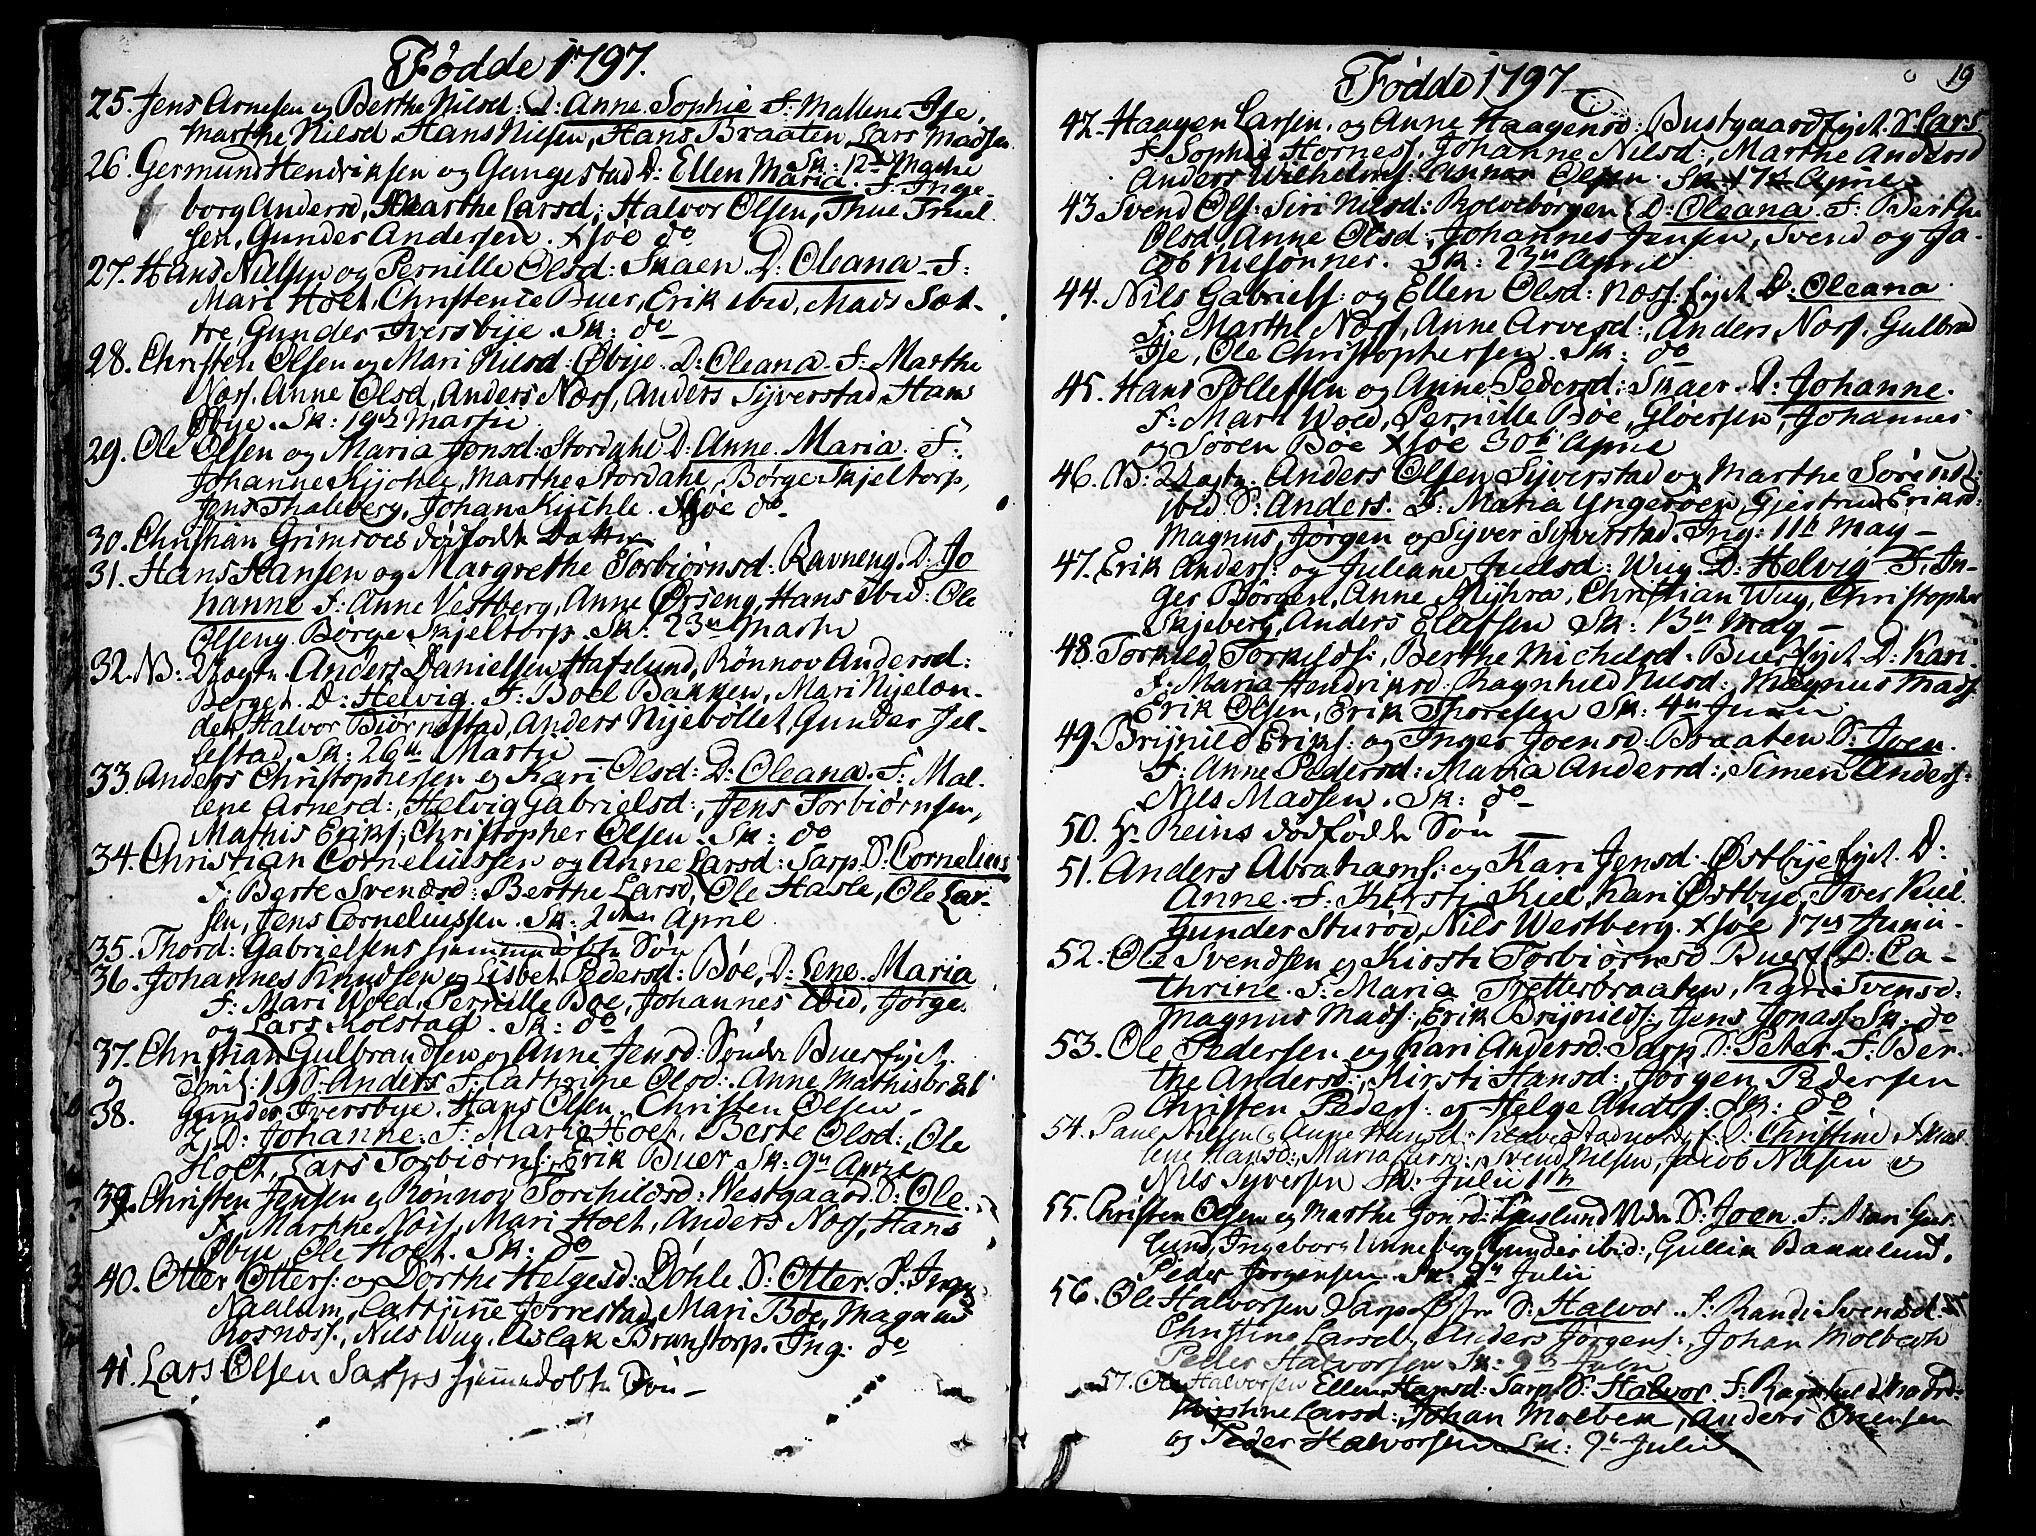 SAO, Skjeberg prestekontor Kirkebøker, F/Fa/L0003: Ministerialbok nr. I 3, 1792-1814, s. 19